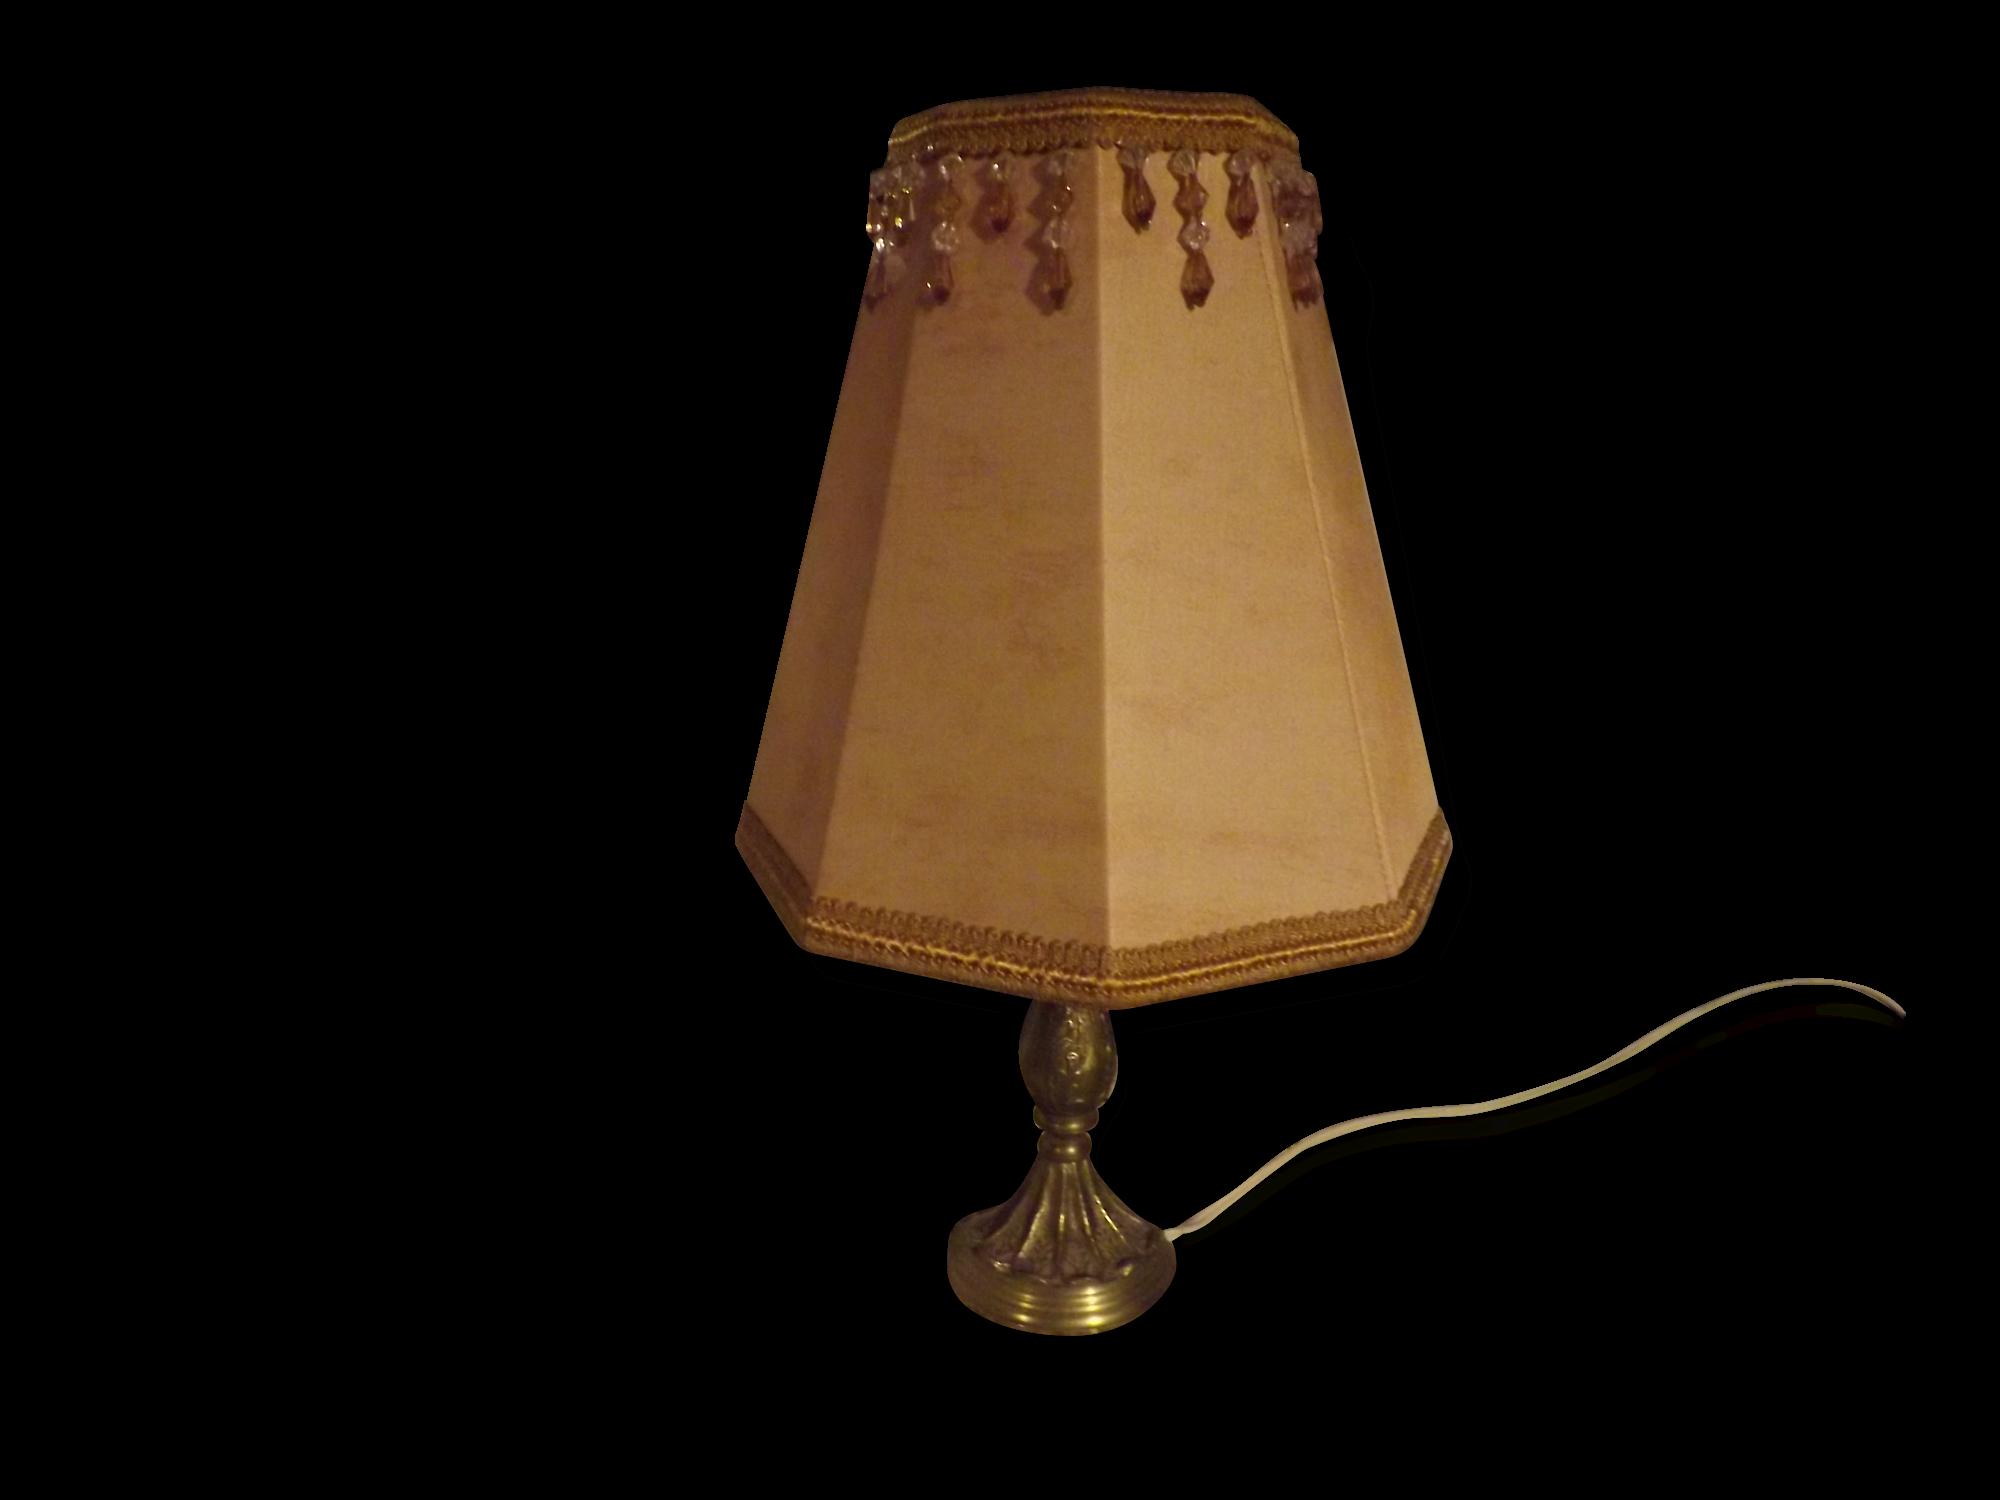 Résultat Supérieur 60 Bon Marché Lampe De Chevet Cuivre Pic 2018